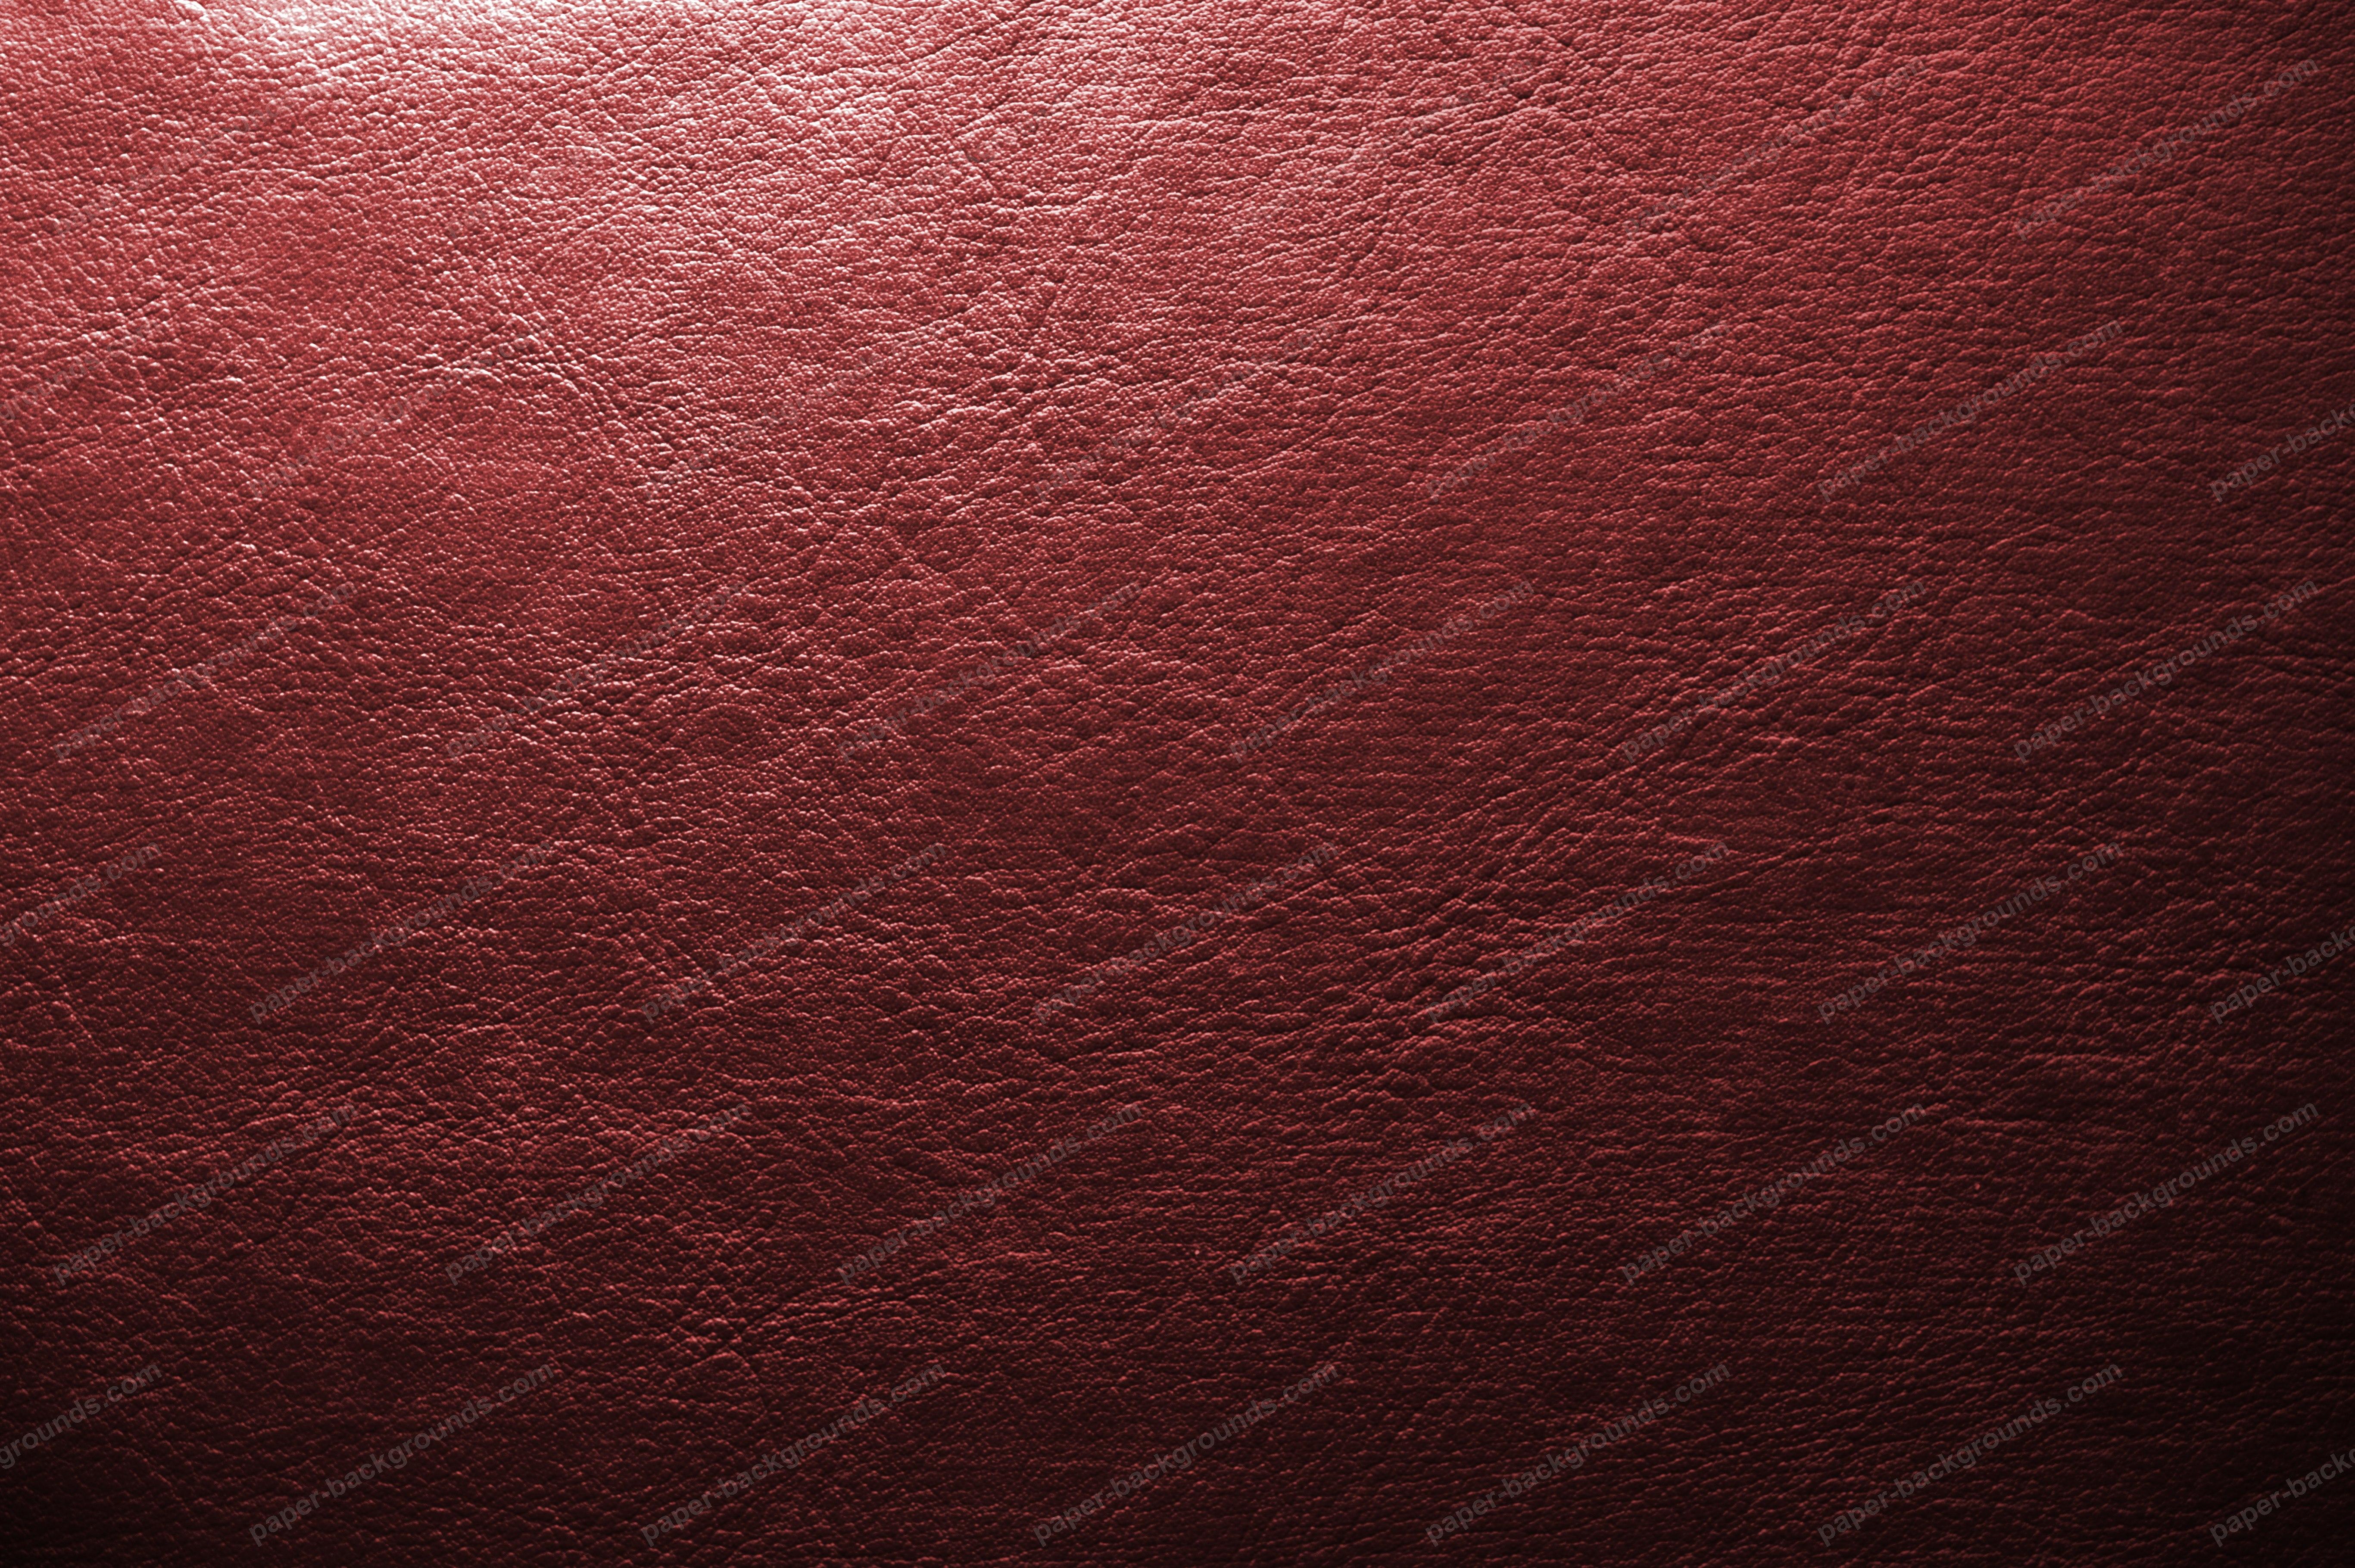 red leather wallpaper wallpapersafari